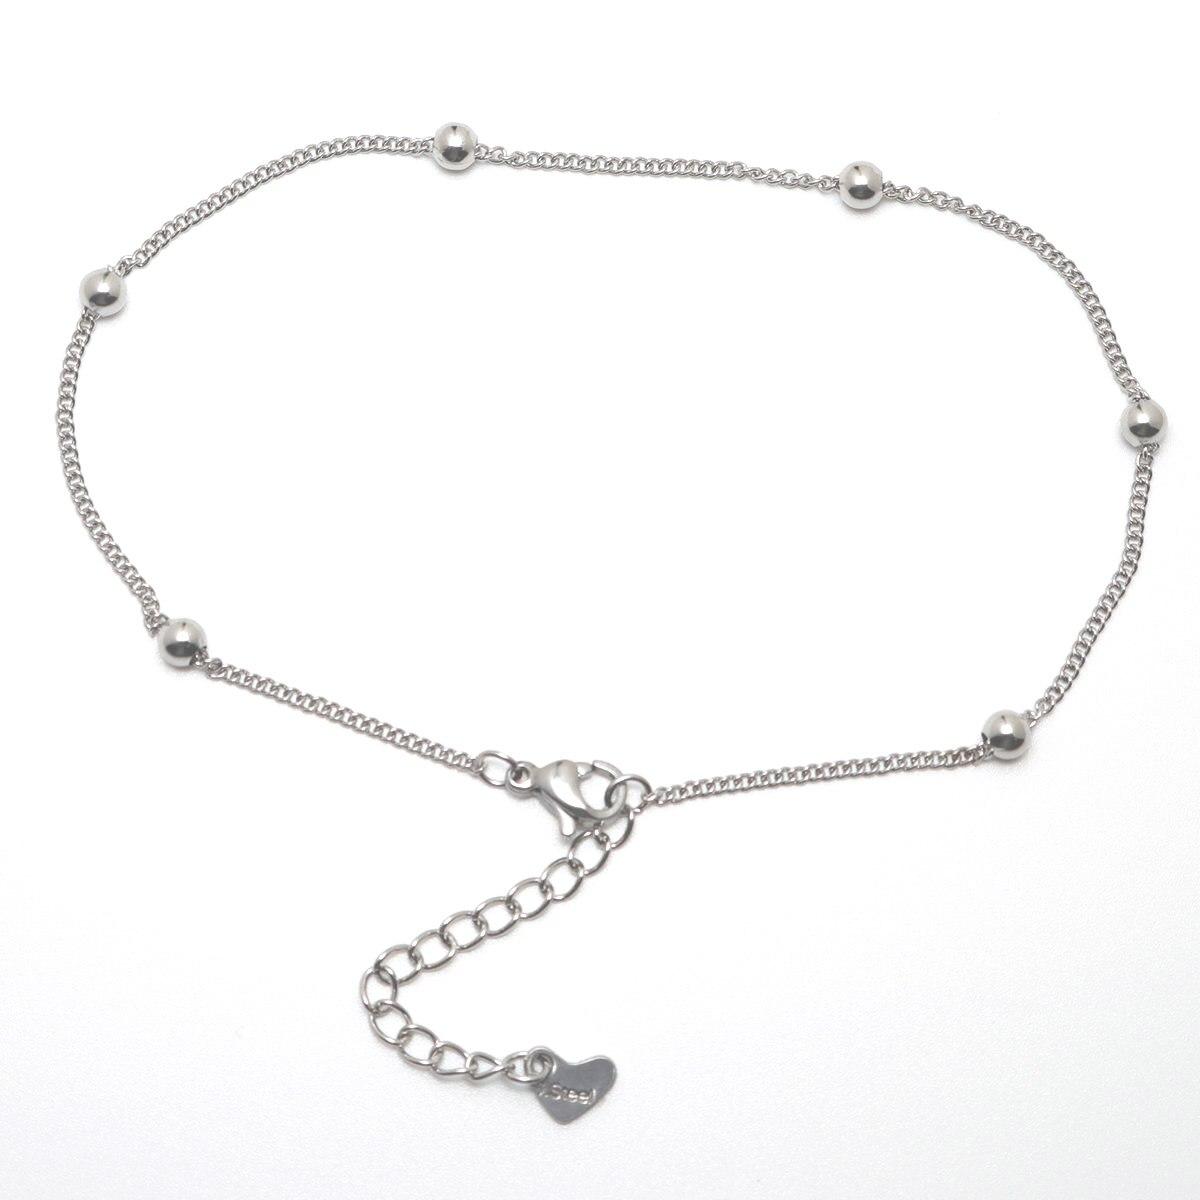 304 из нержавеющей стали, ножной серебро Цвет Круглый браслет с подвеской на щиколотке; С колокольчиком, Модные женские ювелирные изделия, по...